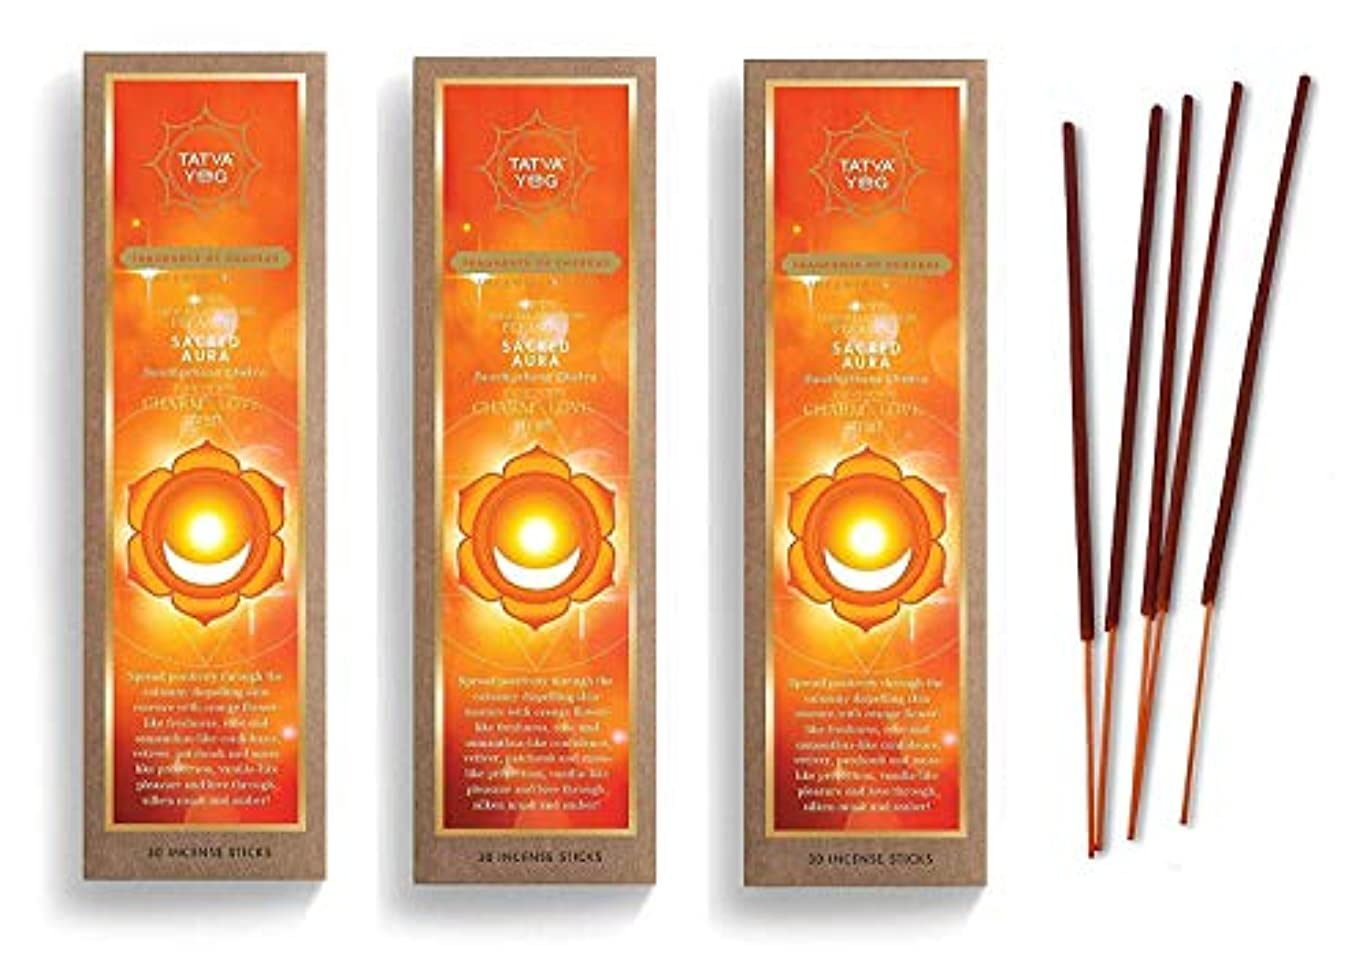 仮装貪欲ファーザーファージュSacred Aura Long Lasting Incense Sticks for Daily Pooja|Festive|Home|Scented Natural Agarbatti for Positive Energy|Good Health & Wealth (Pack of 3 | 30 Sticks Per Pack)